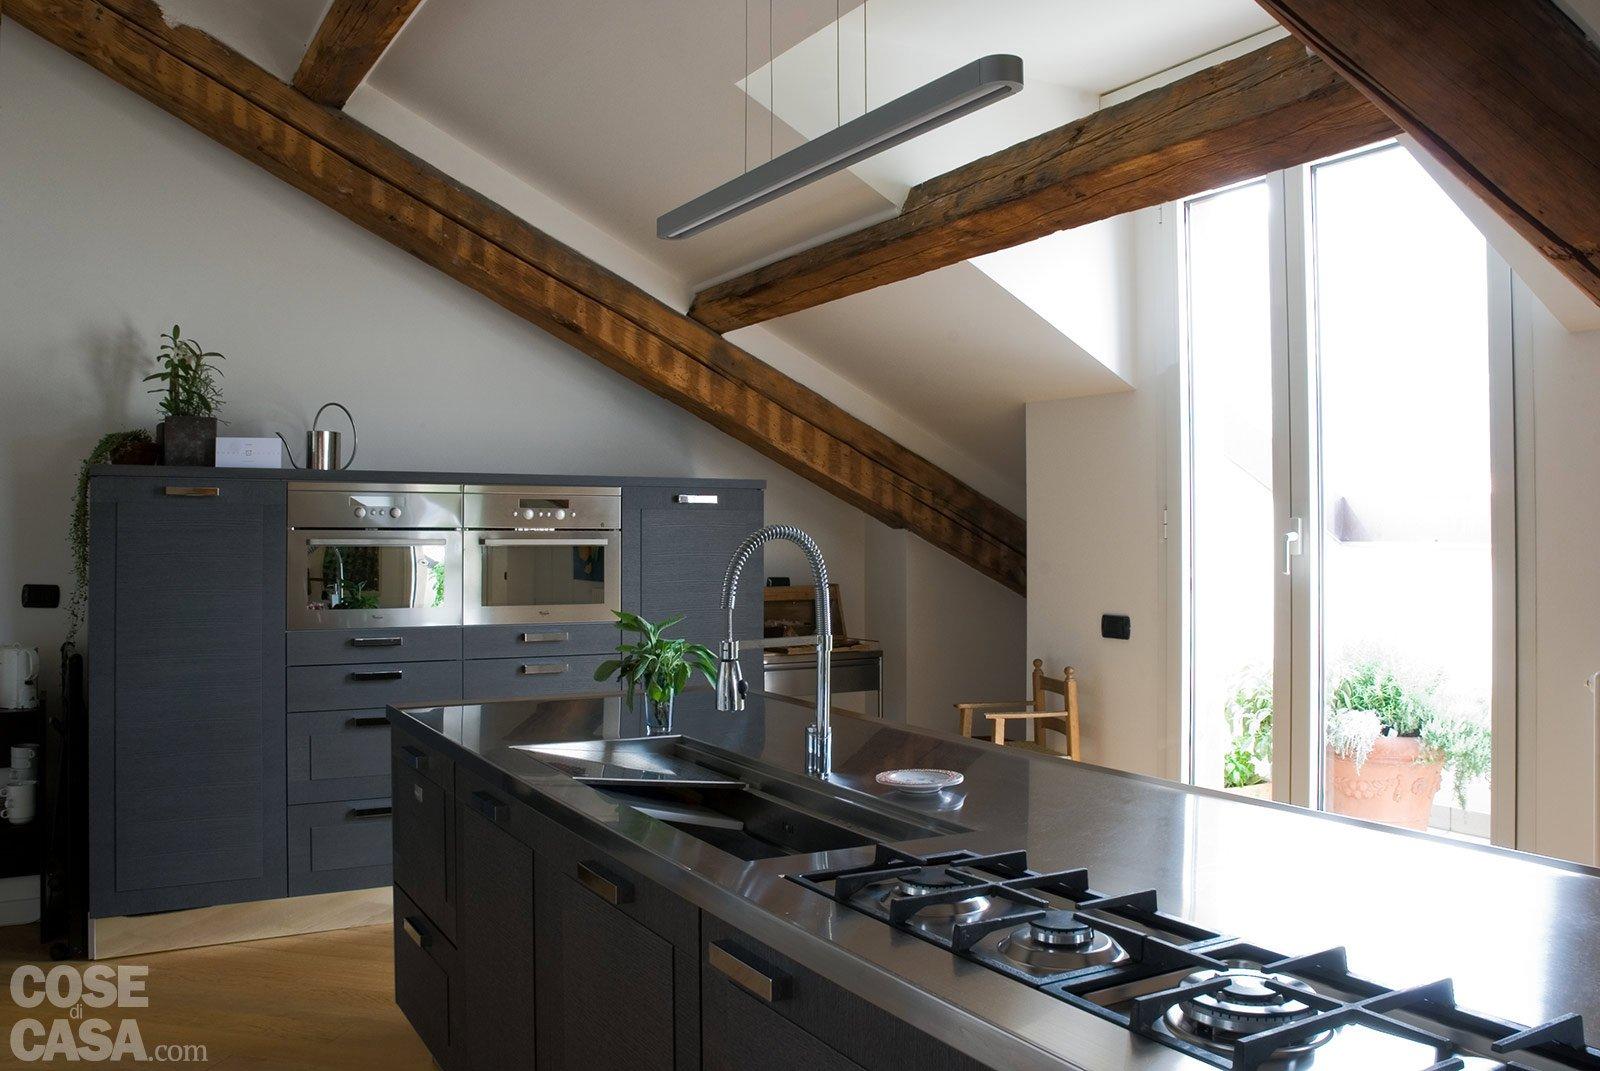 Casabook immobiliare sottotetto una casa con travi a vista for Arredare casa con travi a vista